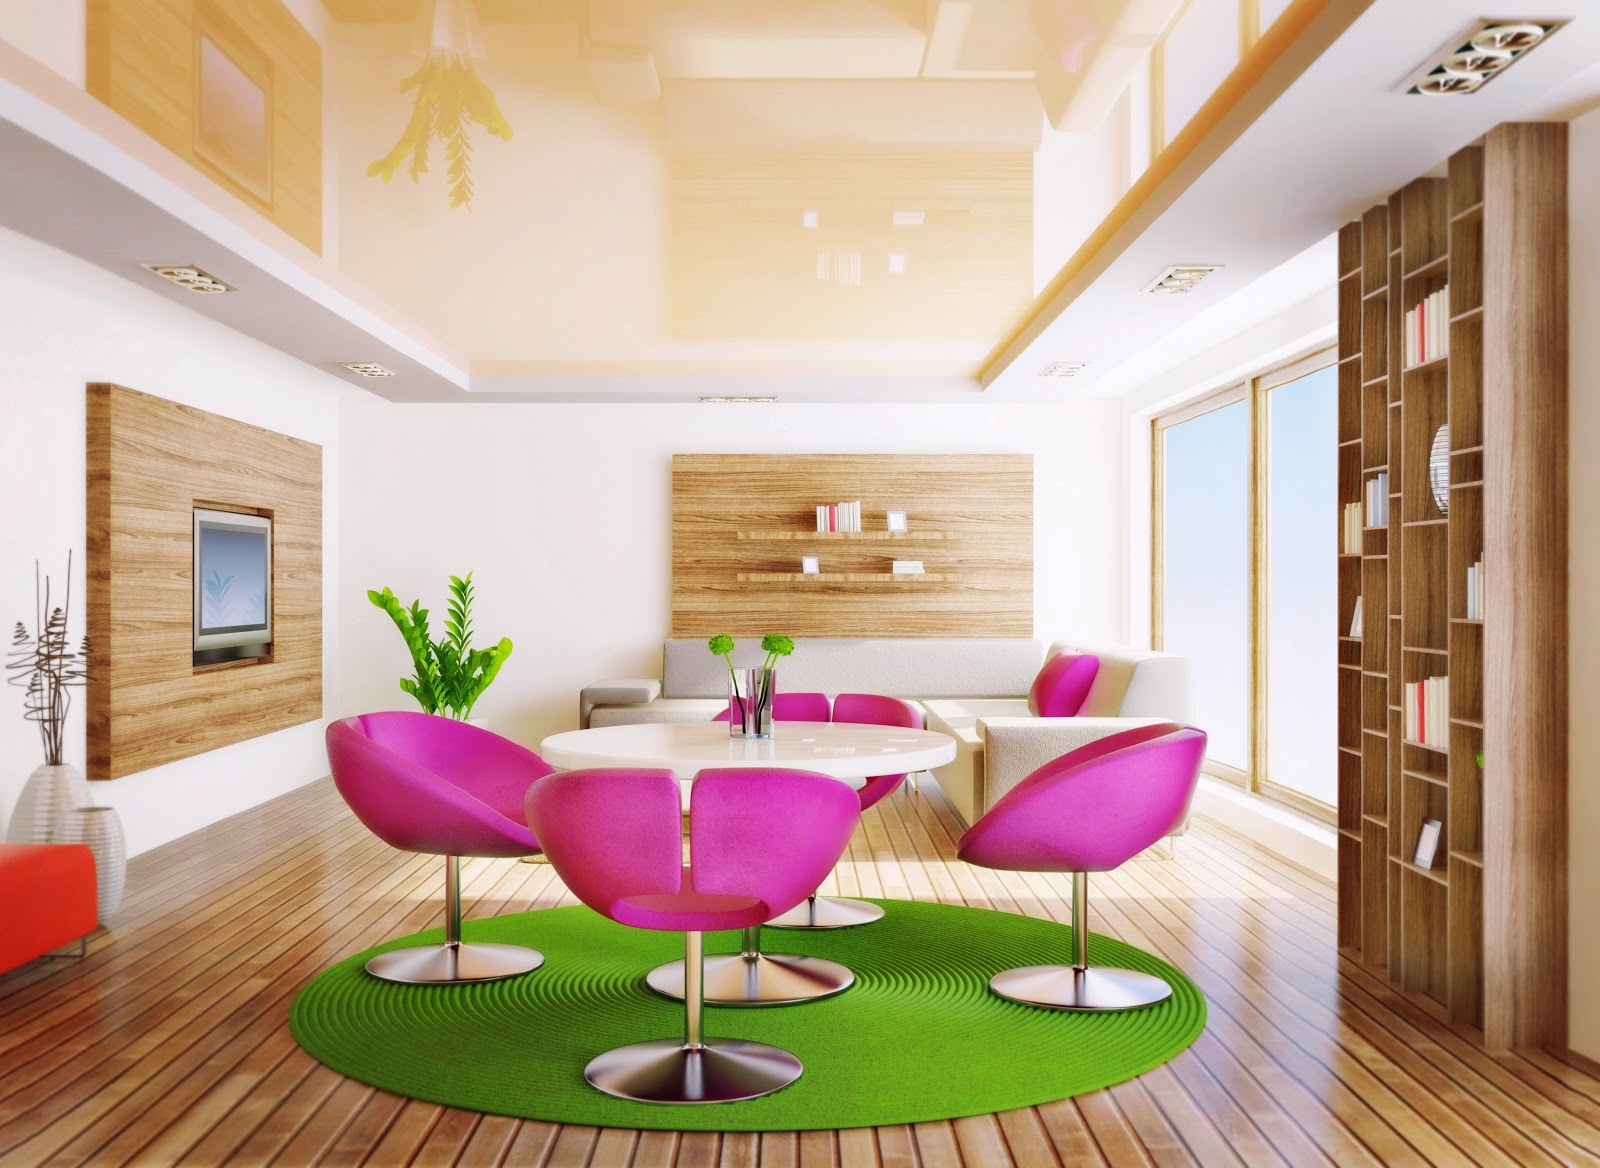 كراسي باللون الوردي بغرف الطعام